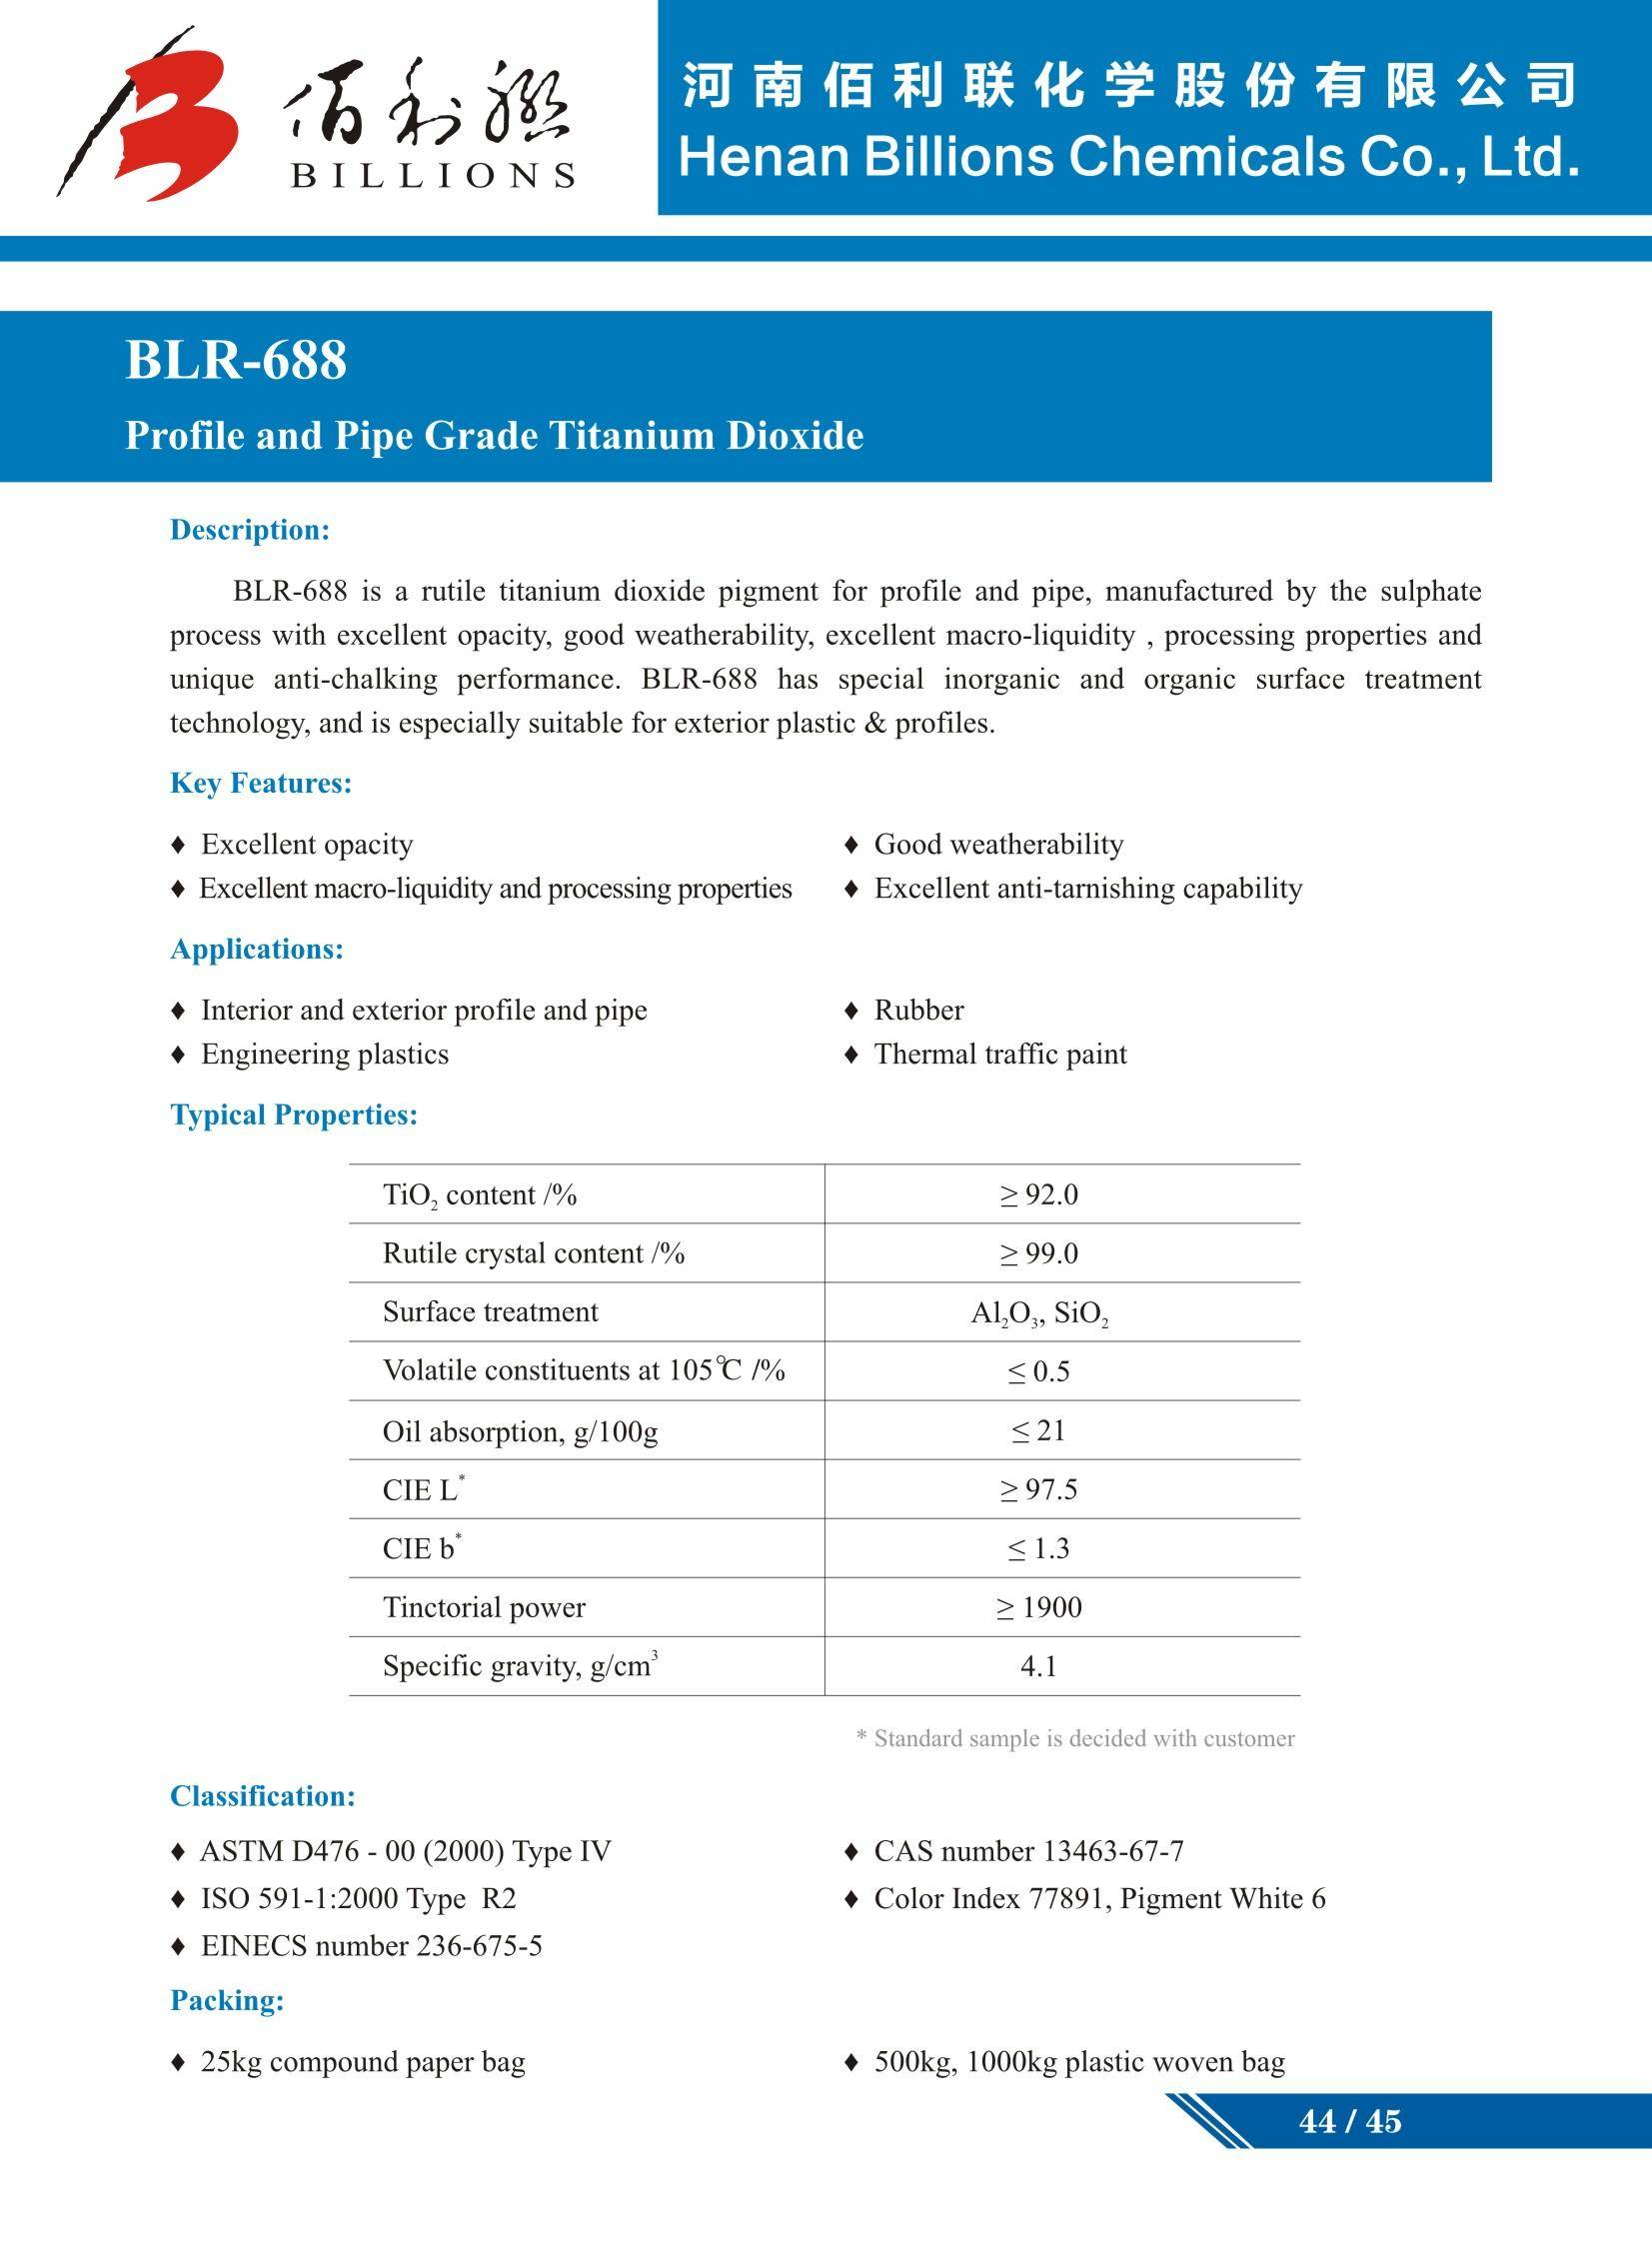 Titanium Dioxide BLR-688